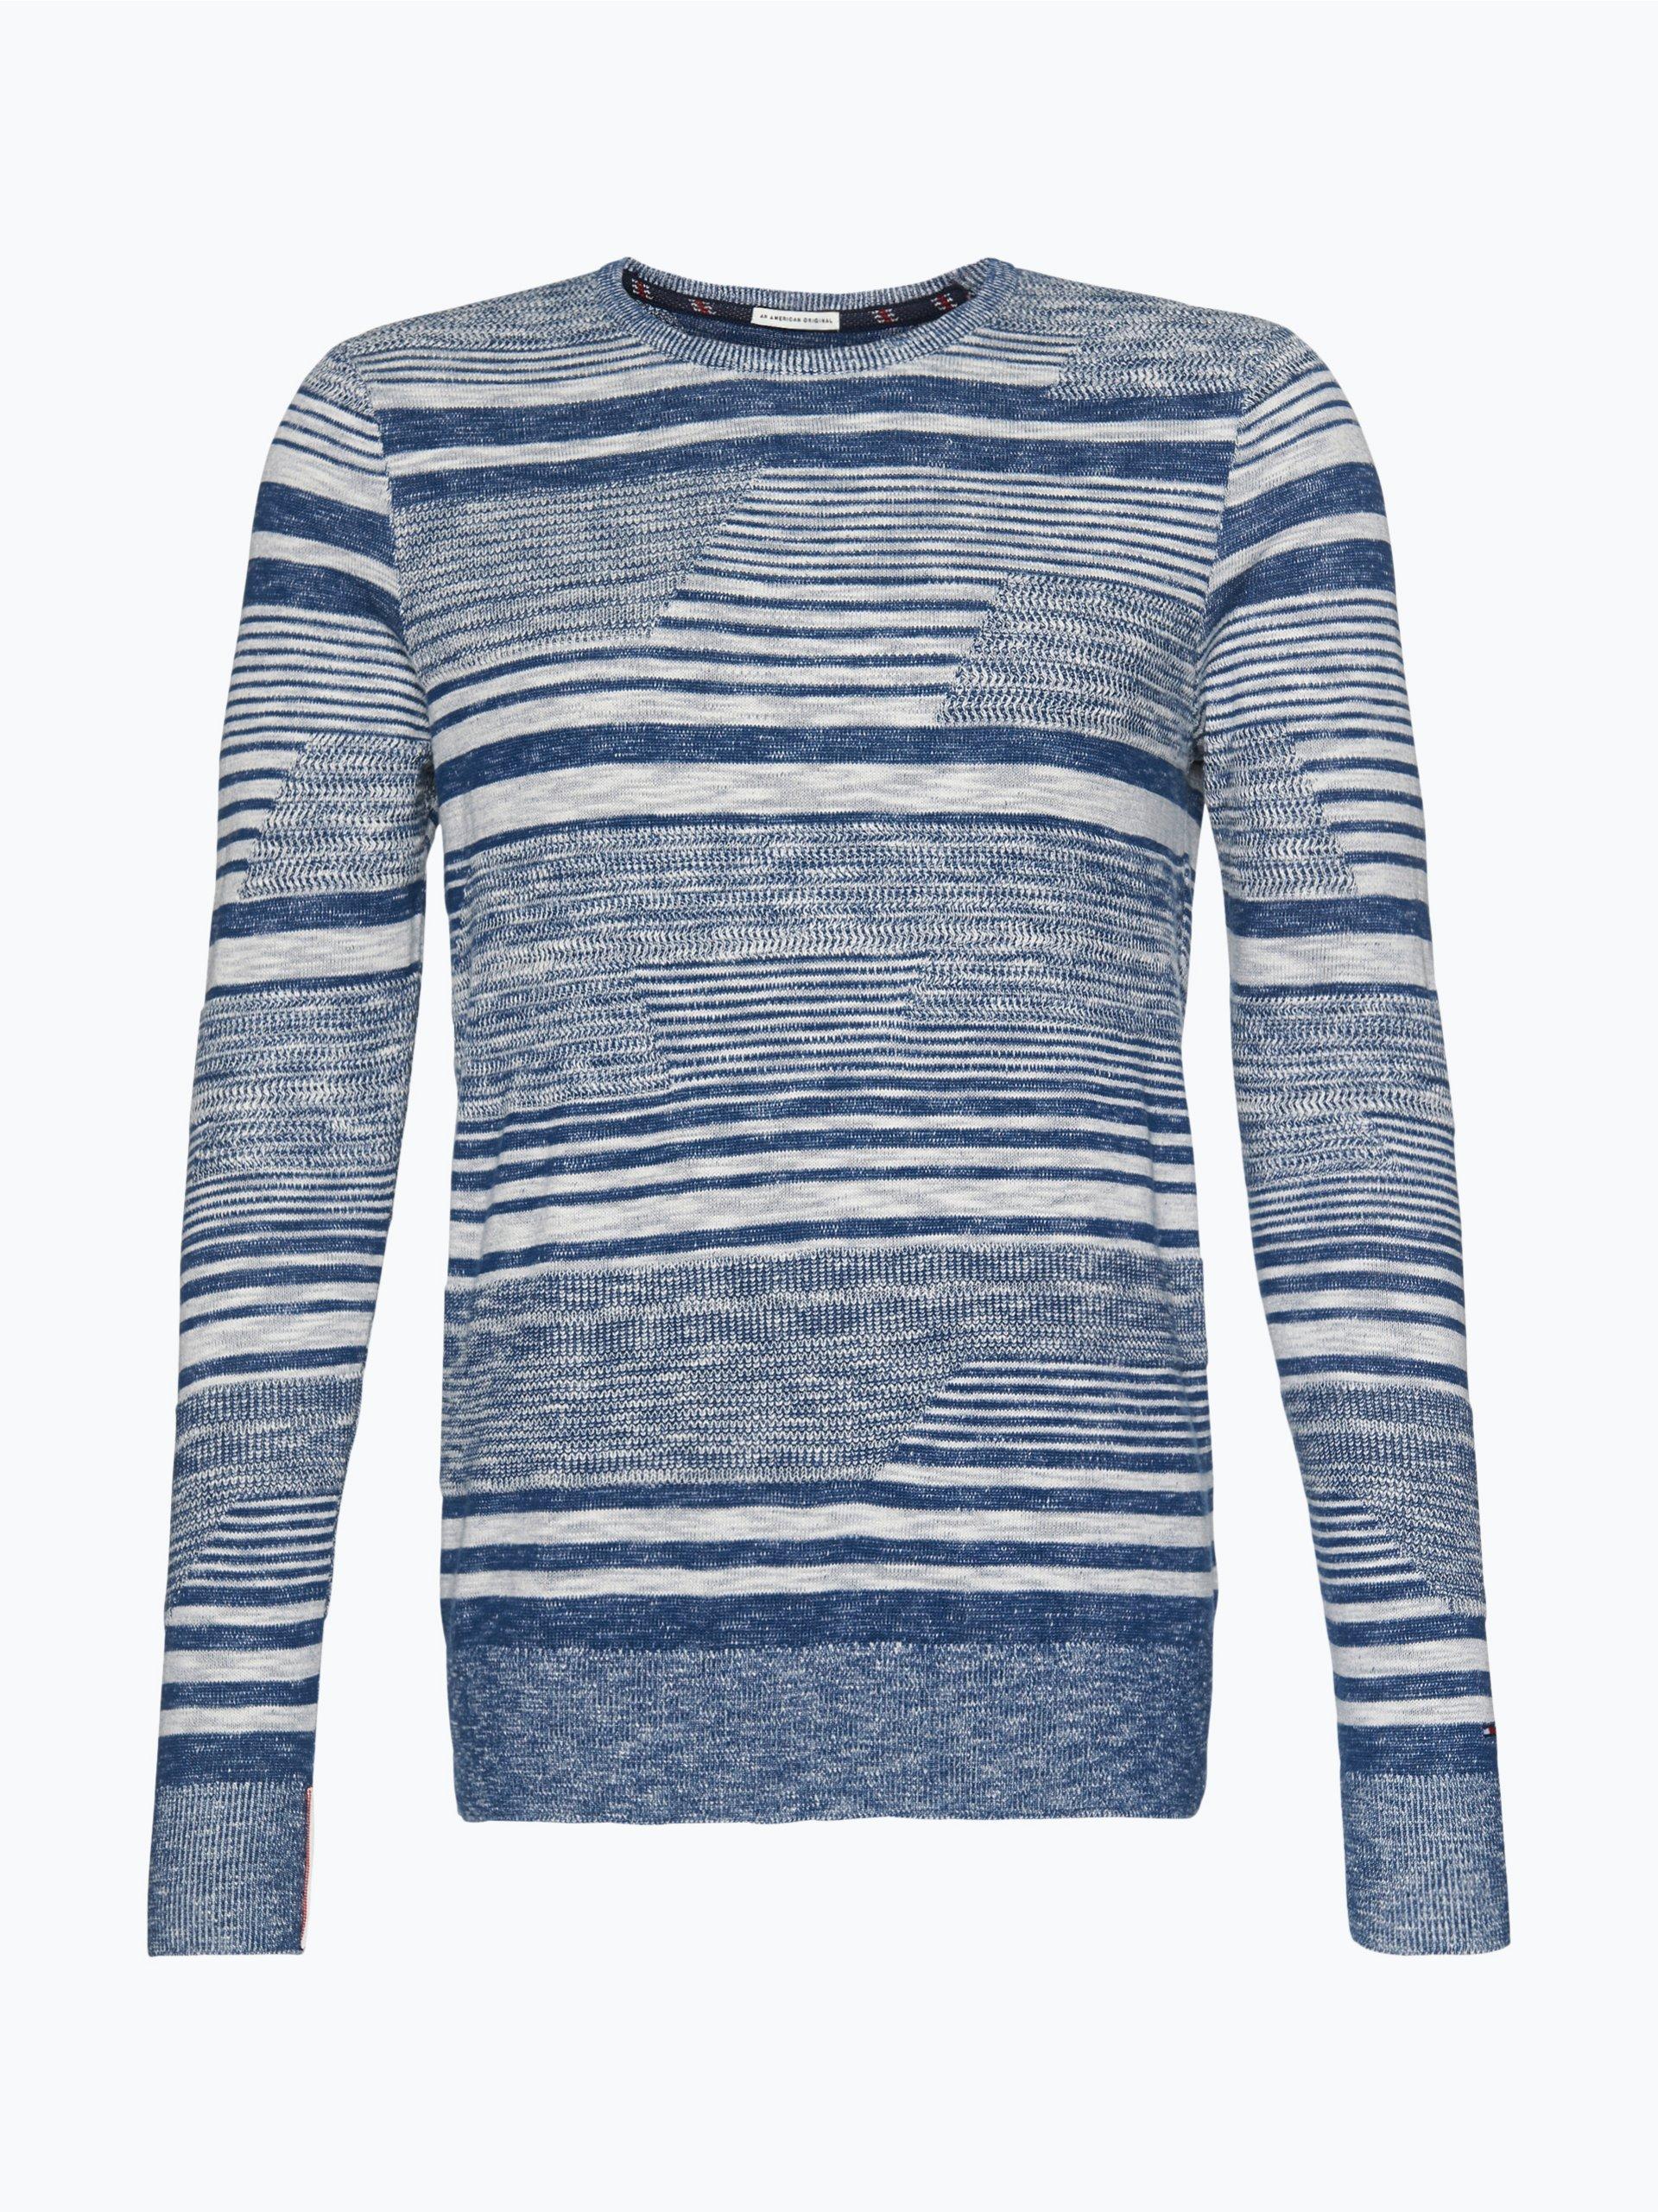 tommy jeans herren pullover indigo gestreift online kaufen. Black Bedroom Furniture Sets. Home Design Ideas